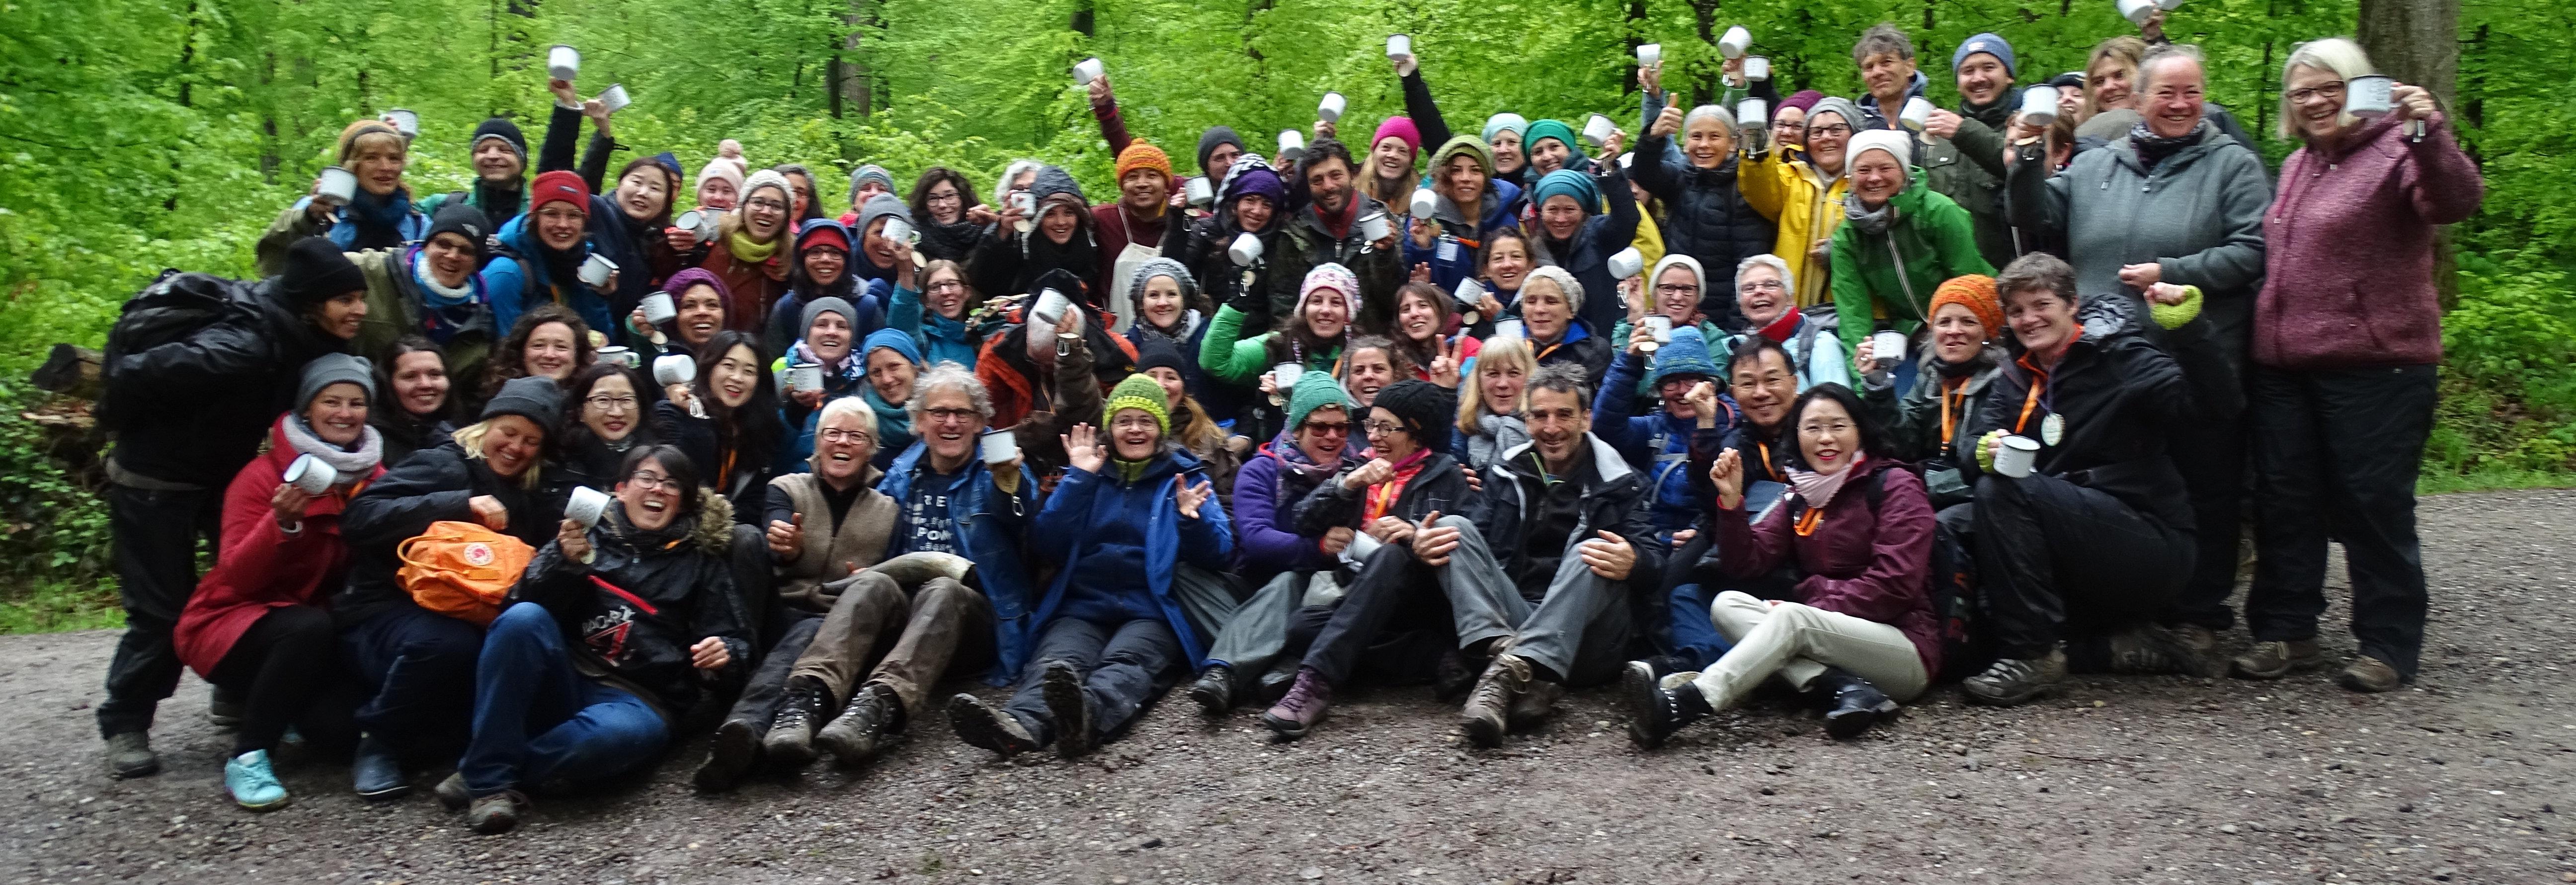 Das Gruppenfoto mit unseren tollen und wunderbaren Teilnehmer von der Konferenz